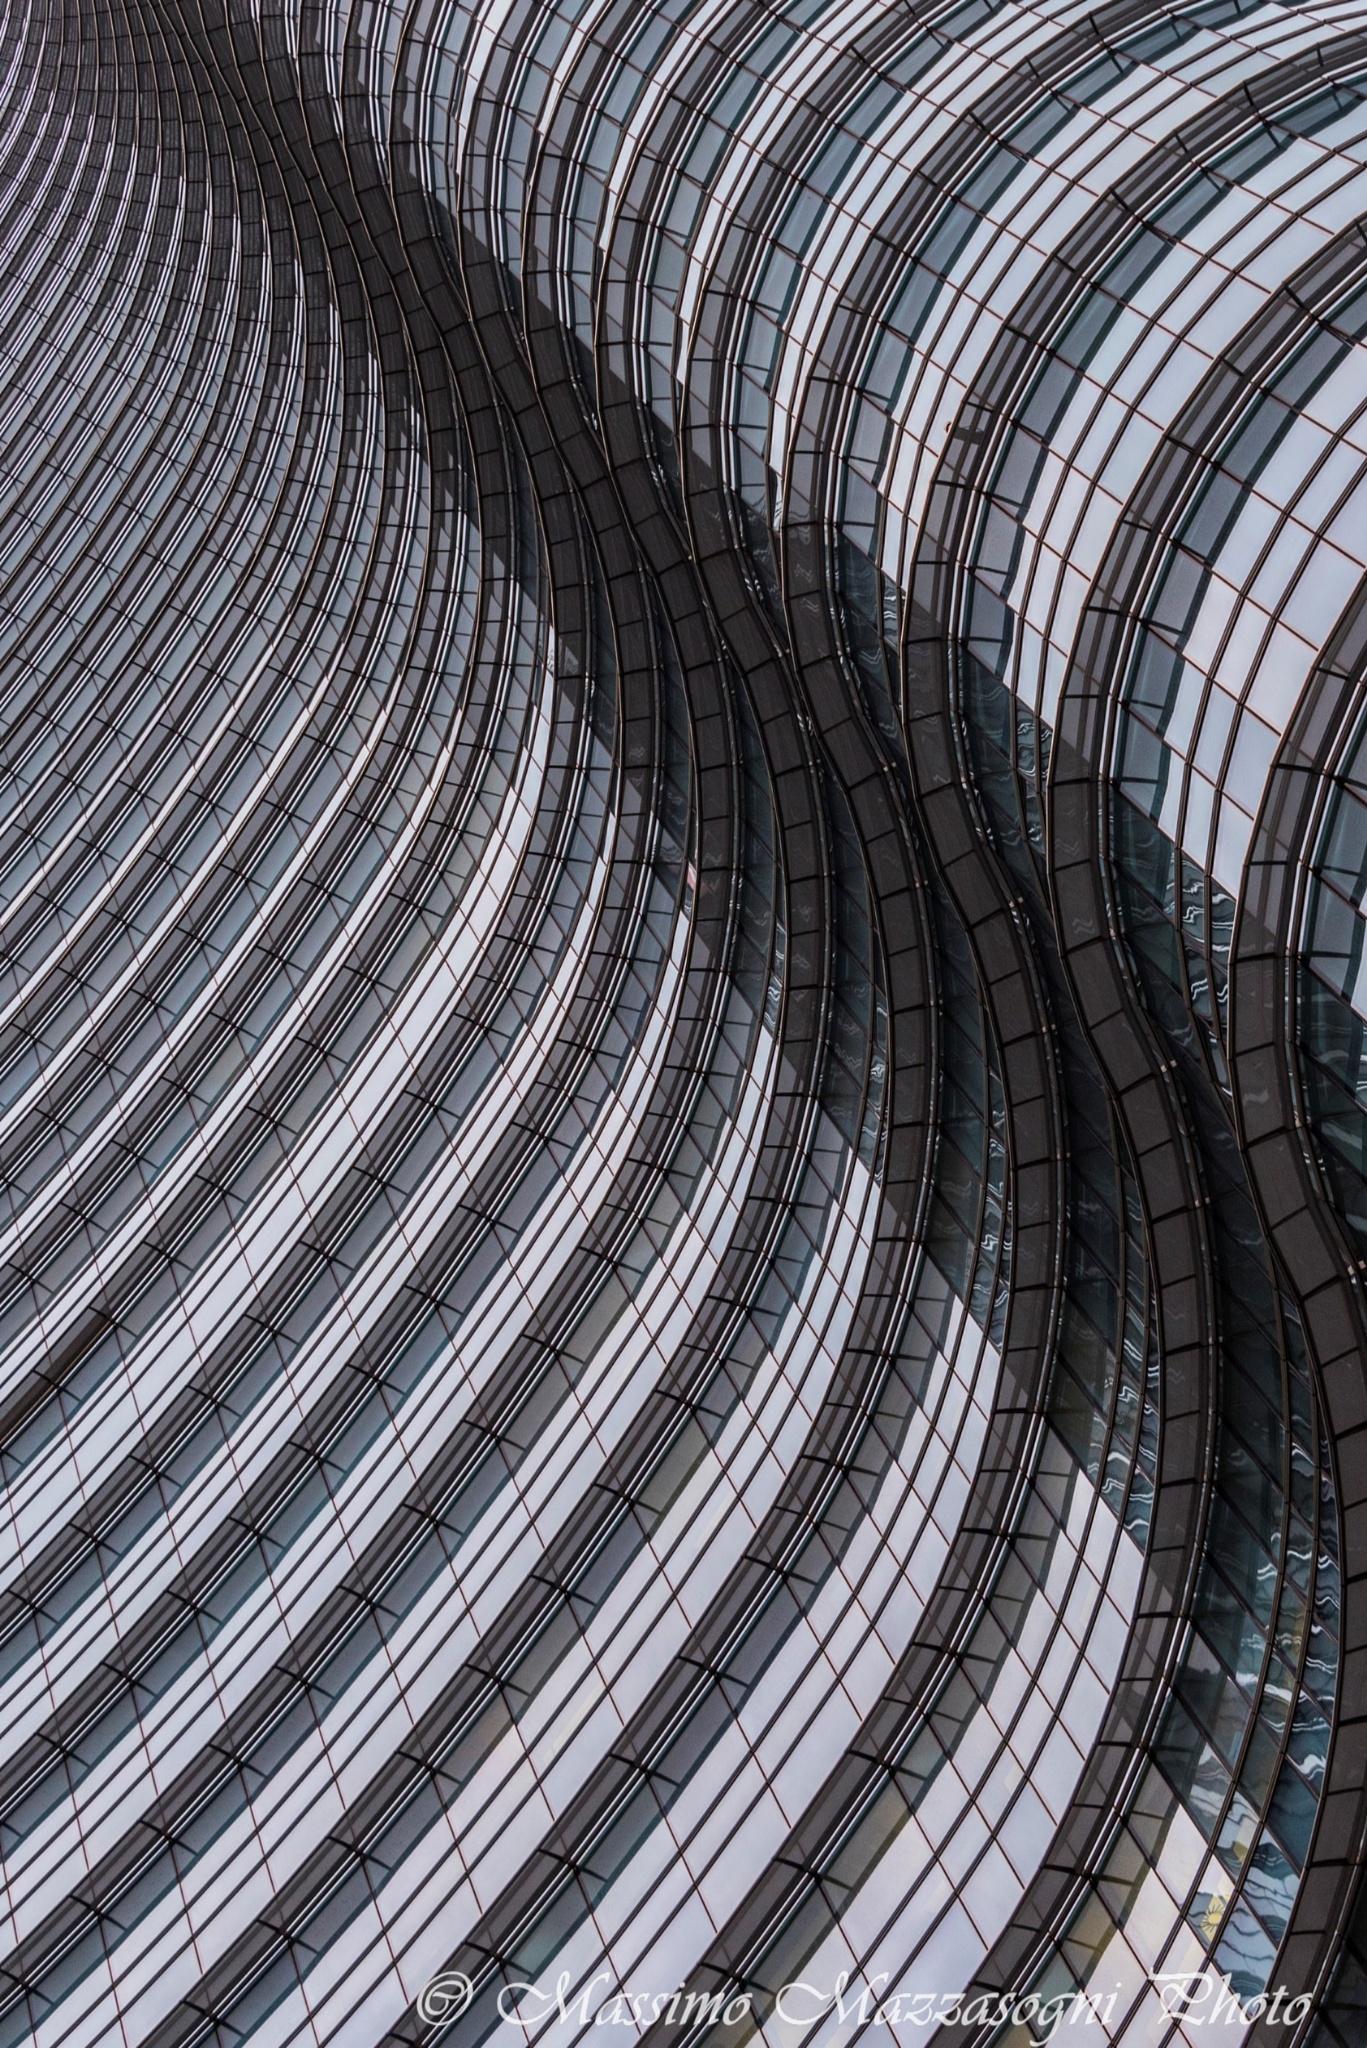 Wave by Massimo Mazzasogni